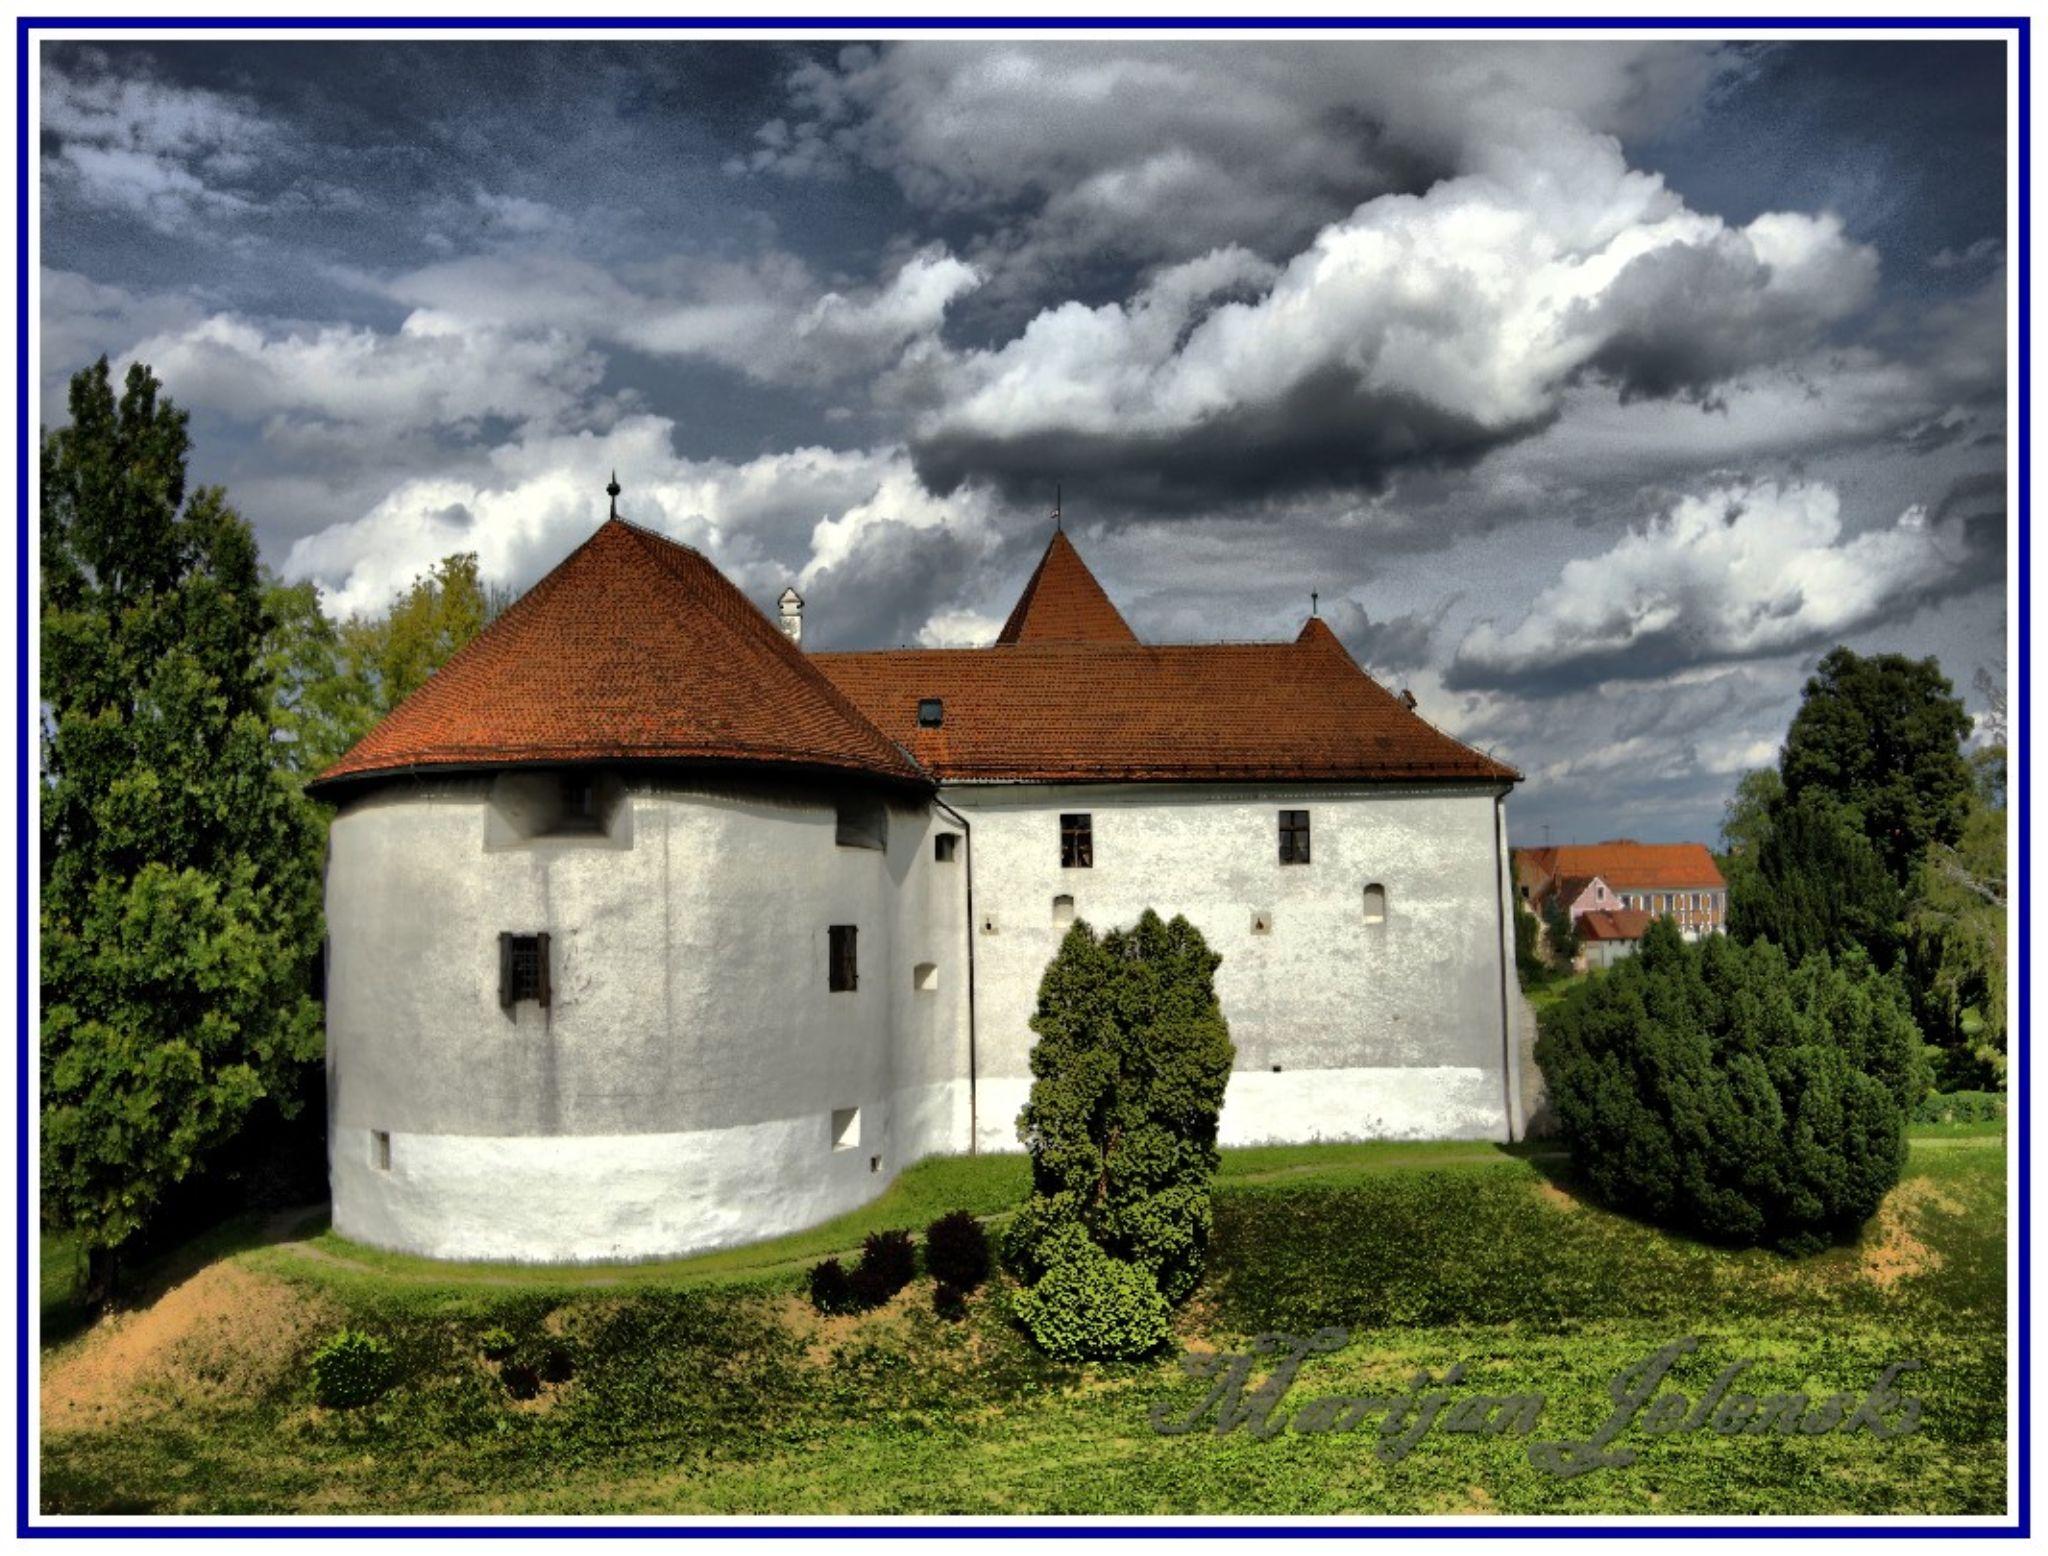 Stari grad Varaždin - The old town of Varazdin by Marijan Jelenski